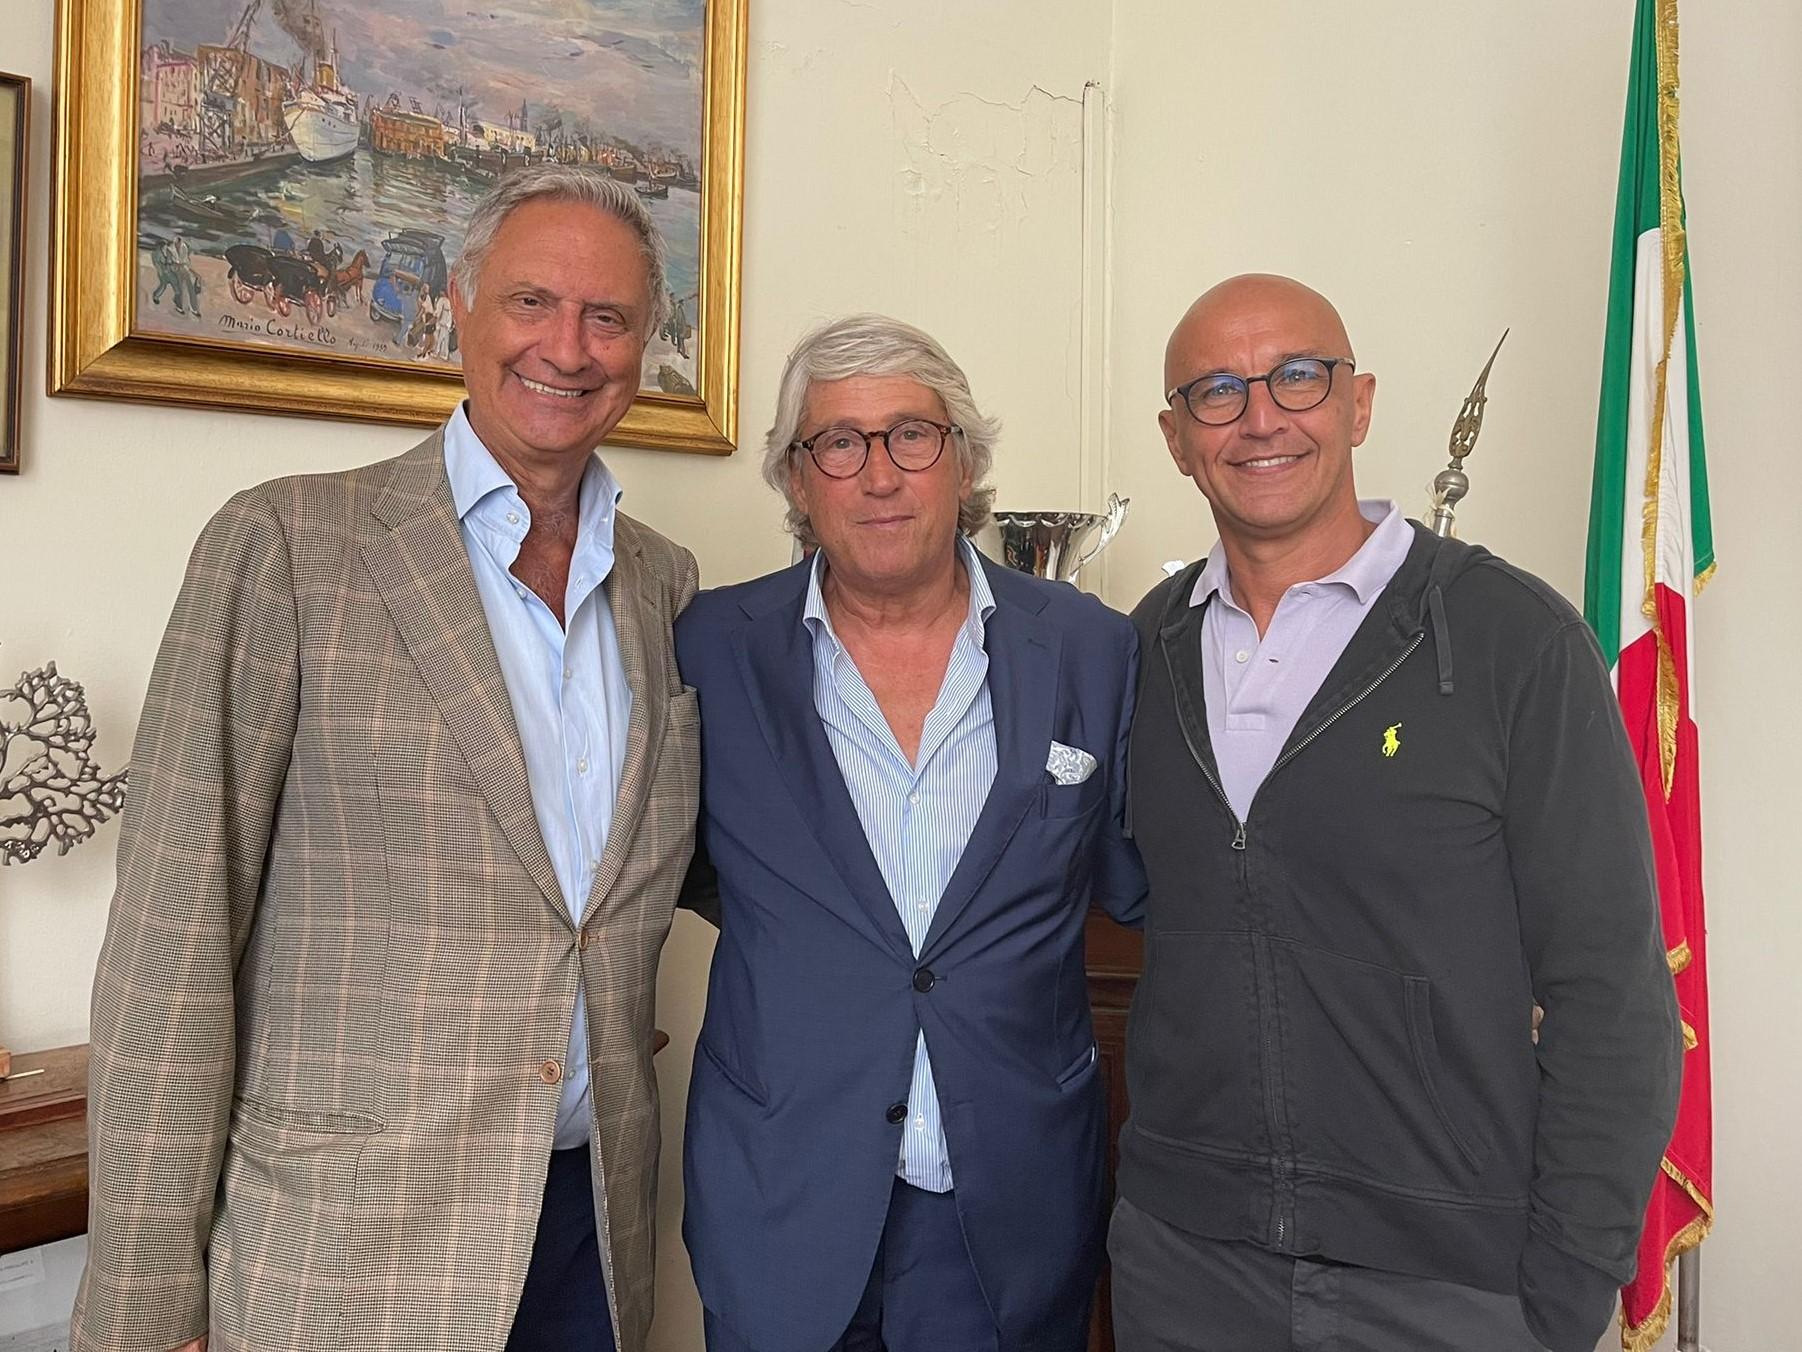 il vicepresidente amministratico Rivieccio, il prsidente Parisio e il vicepresidente sportivo Di Martire